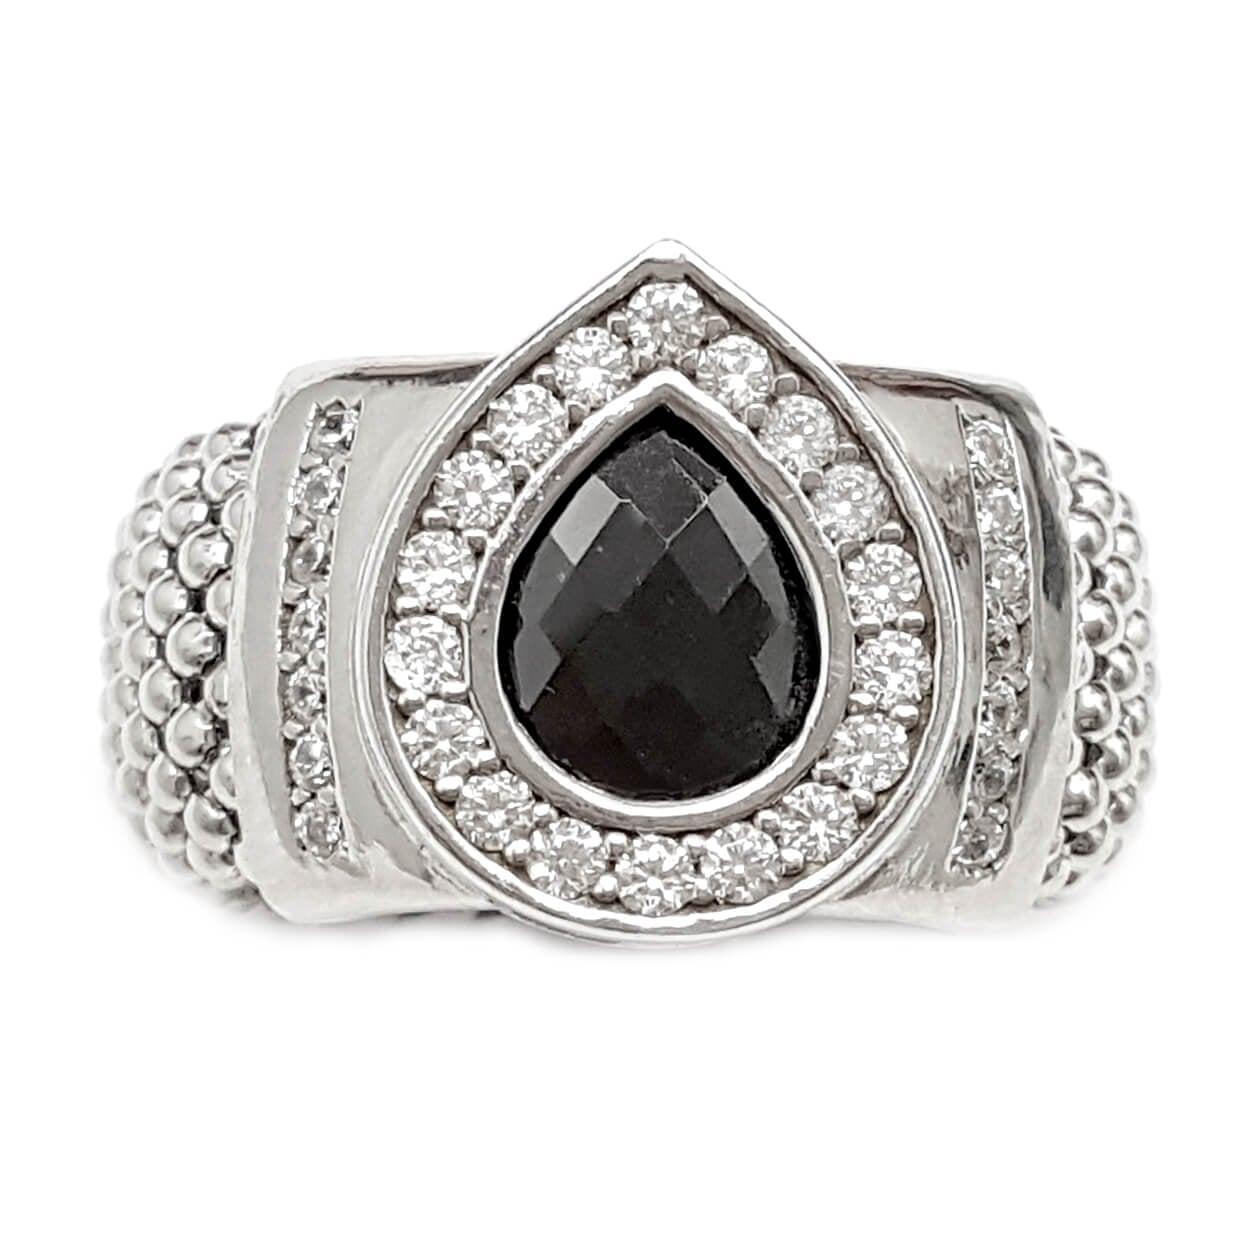 טבעת כסף גמישה משובצת אבן קריסטל שחורה בצורת טיפה ואבני זרקון  RG8603